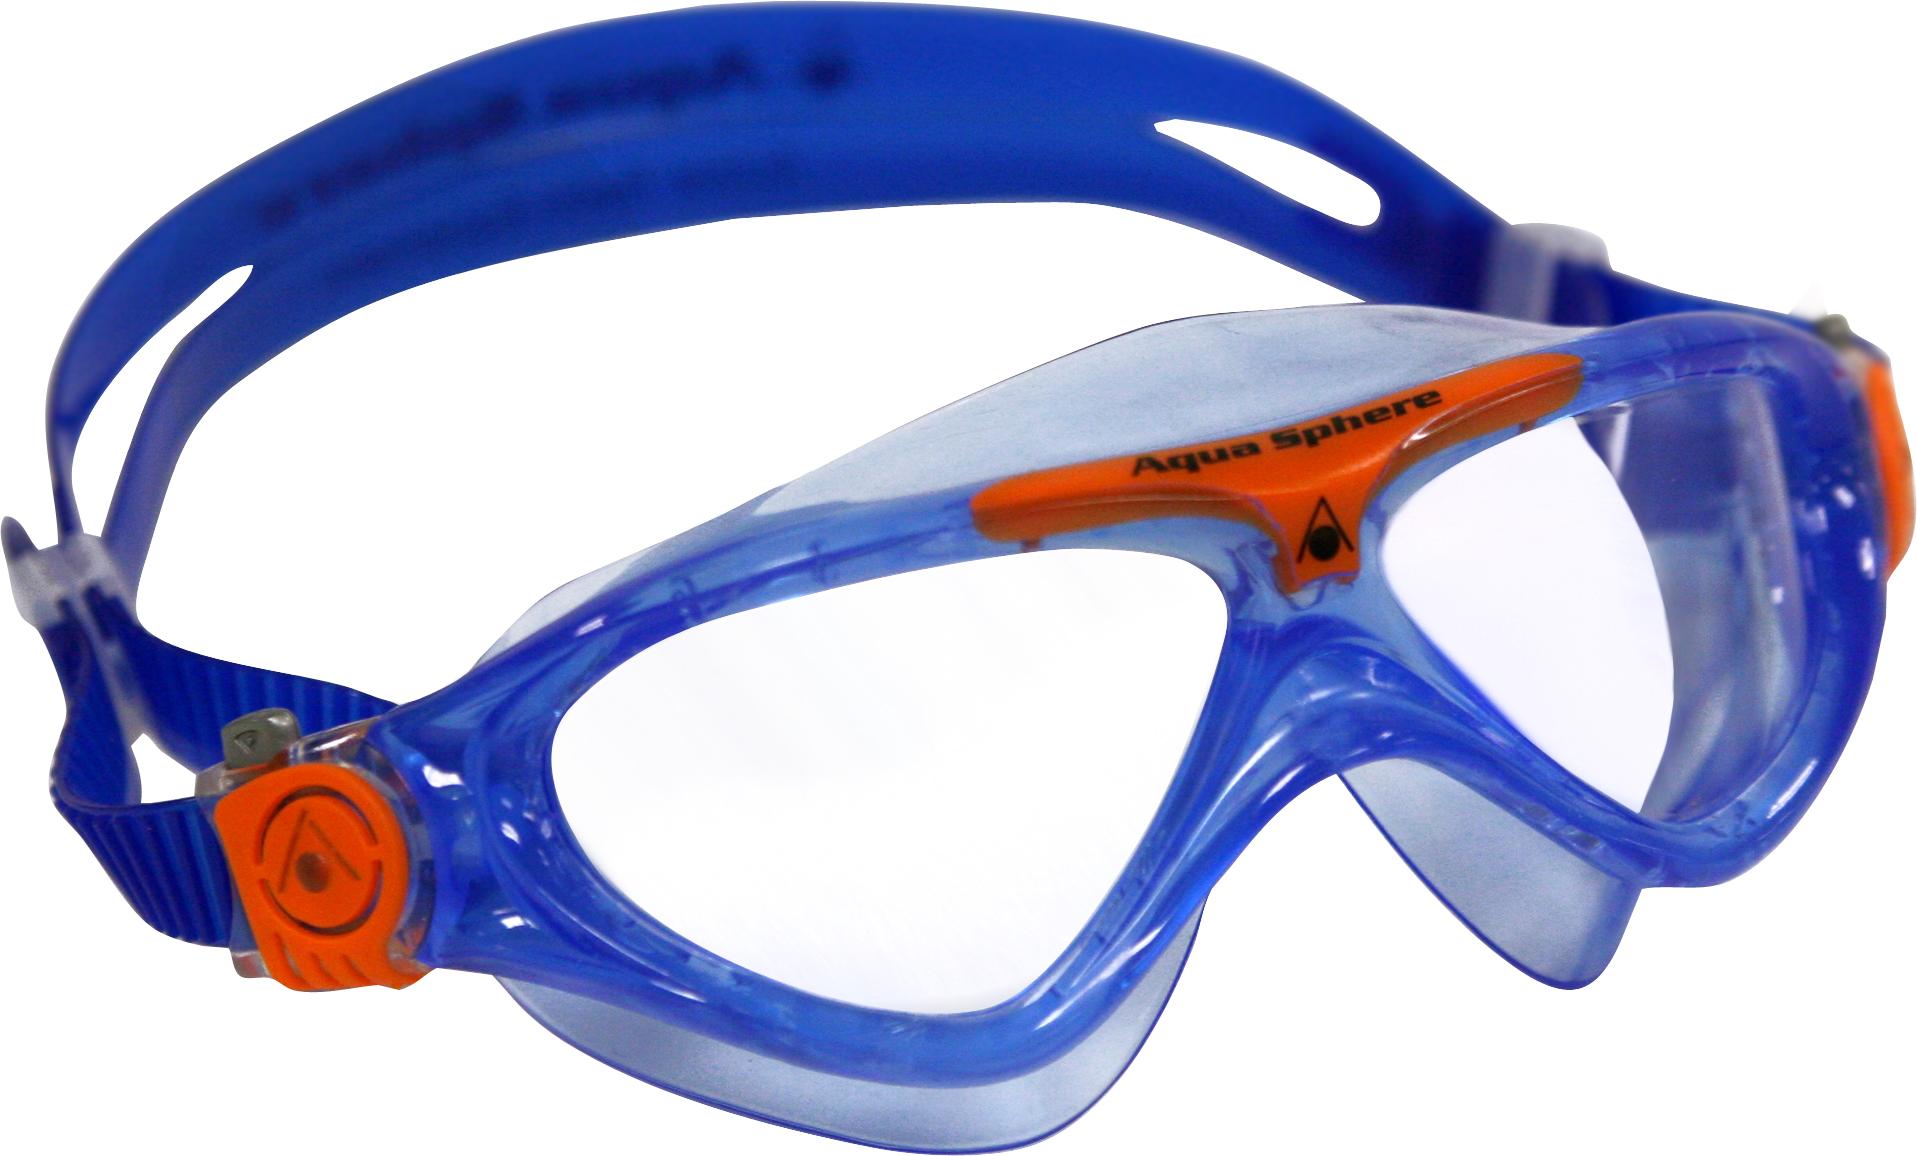 1917x1156 Aqua Sphere Vista Jr Goggles